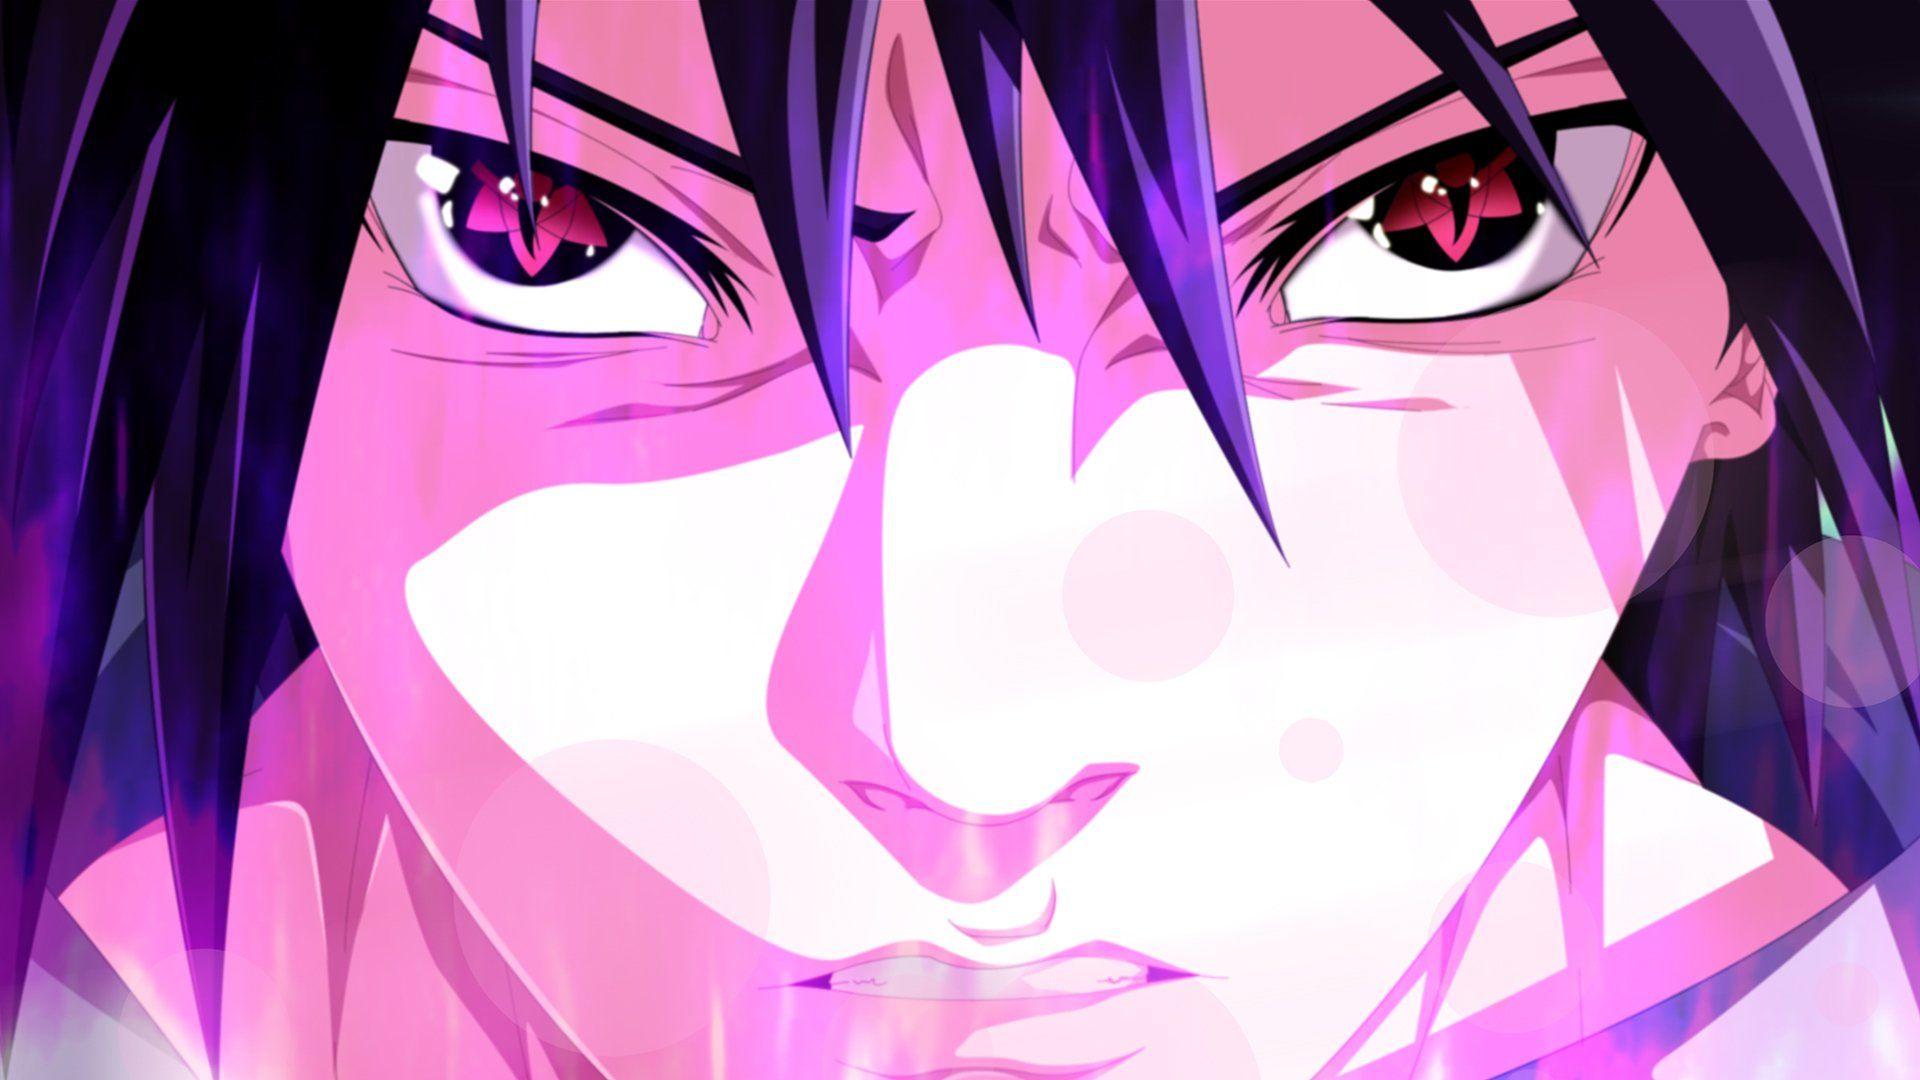 Wallpaper Anime Naruto Mangekyō Sharingan Sasuke Uchiha